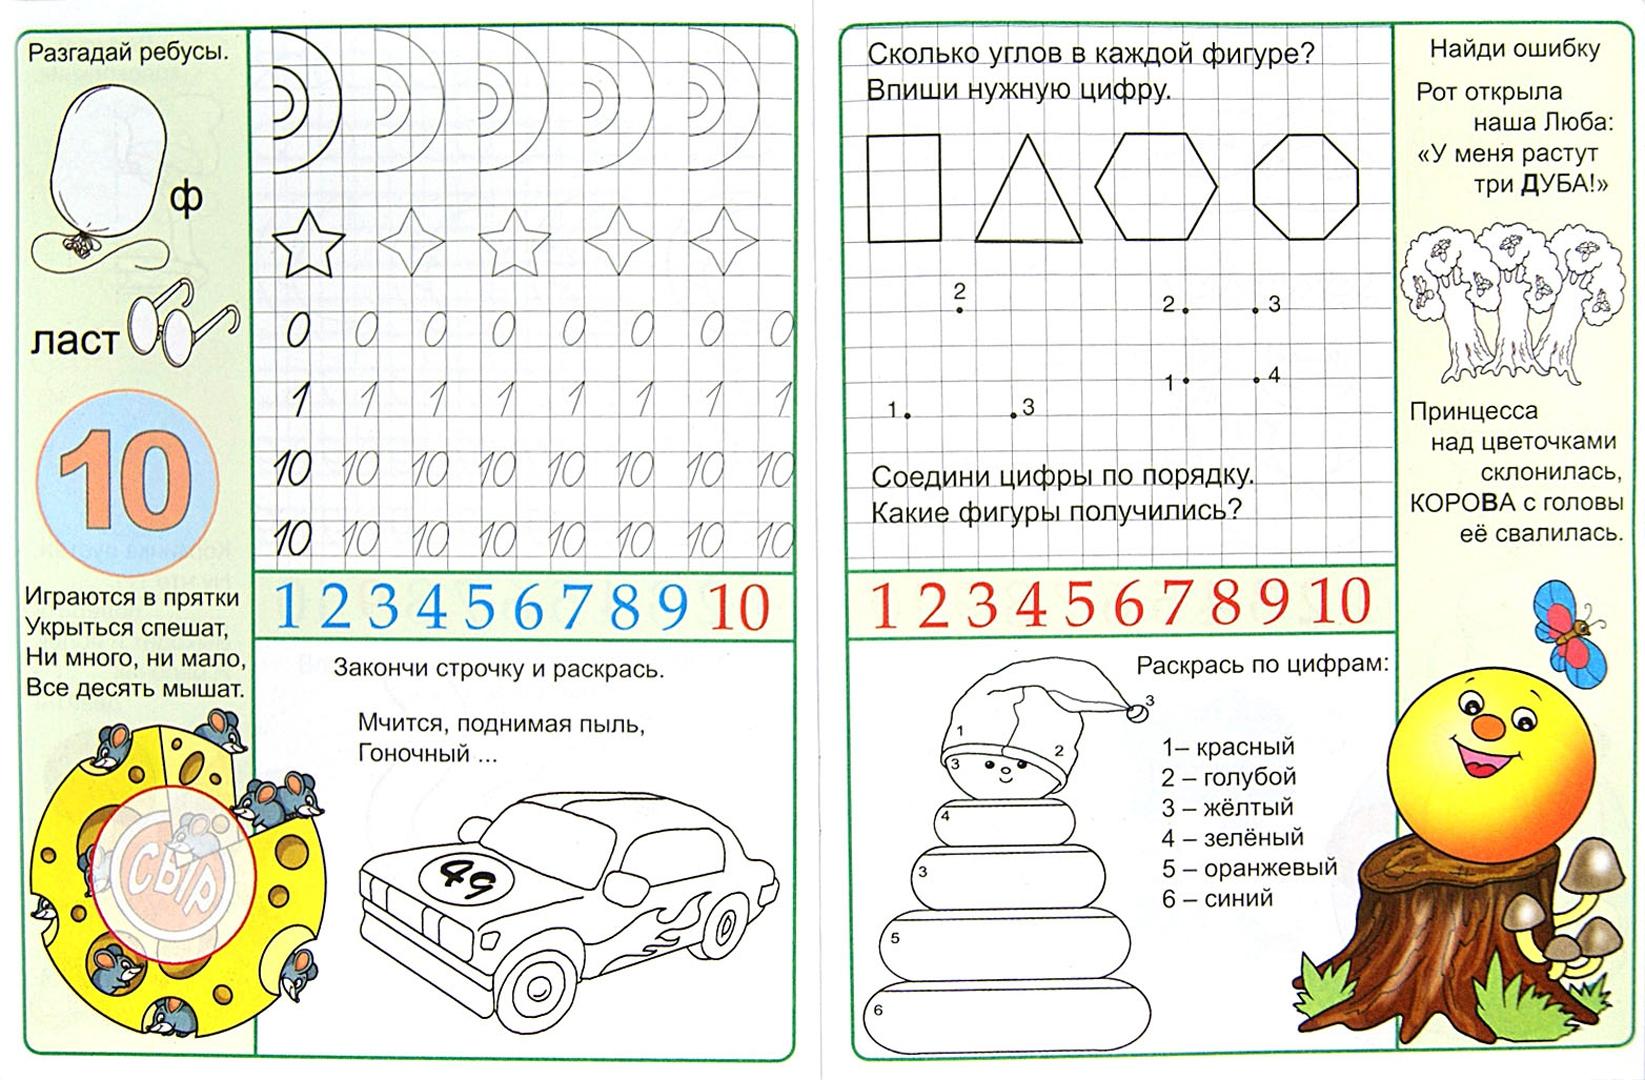 Иллюстрация 1 из 16 для Весёлая страна цифр. Пропись-тетрадь | Лабиринт - книги. Источник: Лабиринт